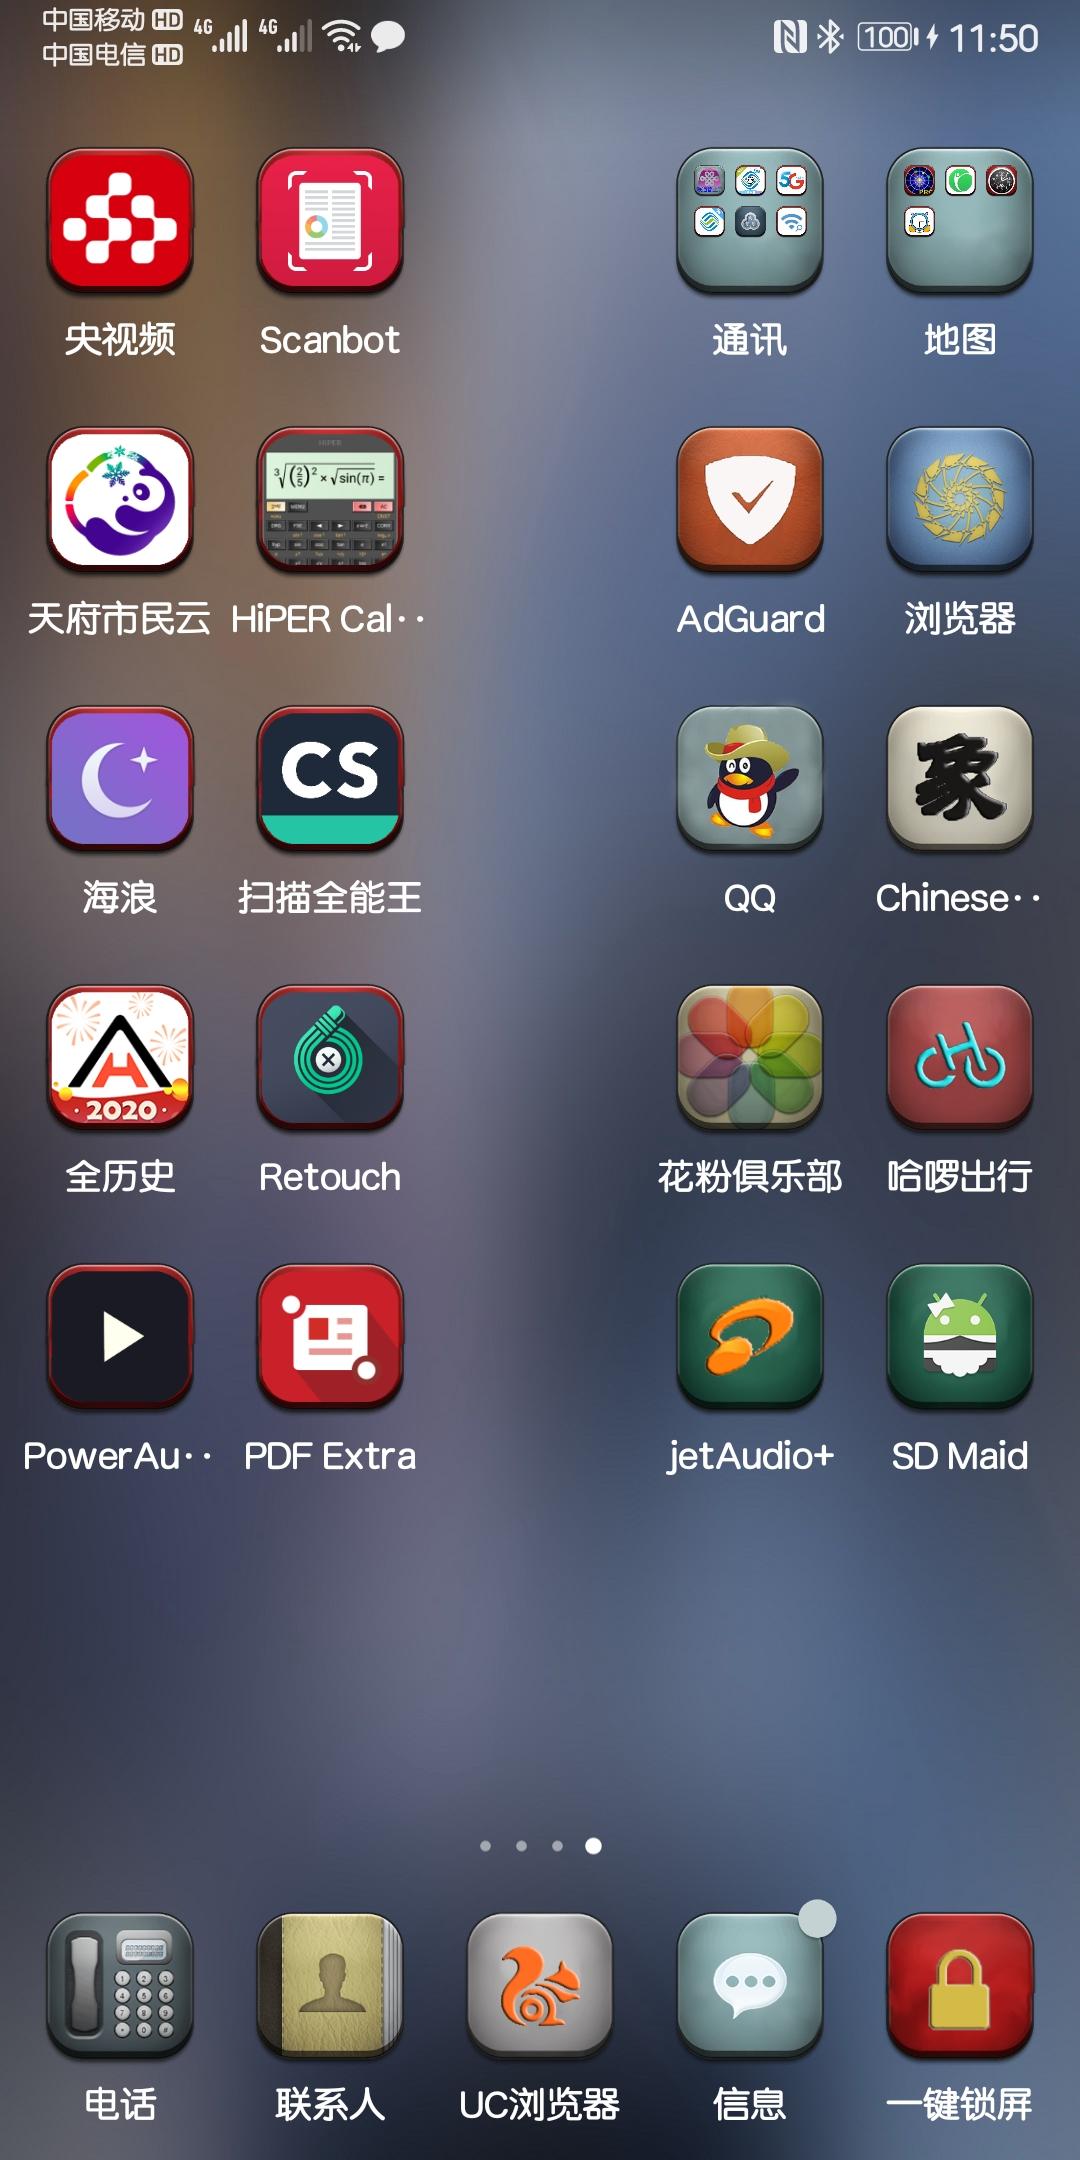 Screenshot_20200315_115009_com.huawei.android.launcher.jpg